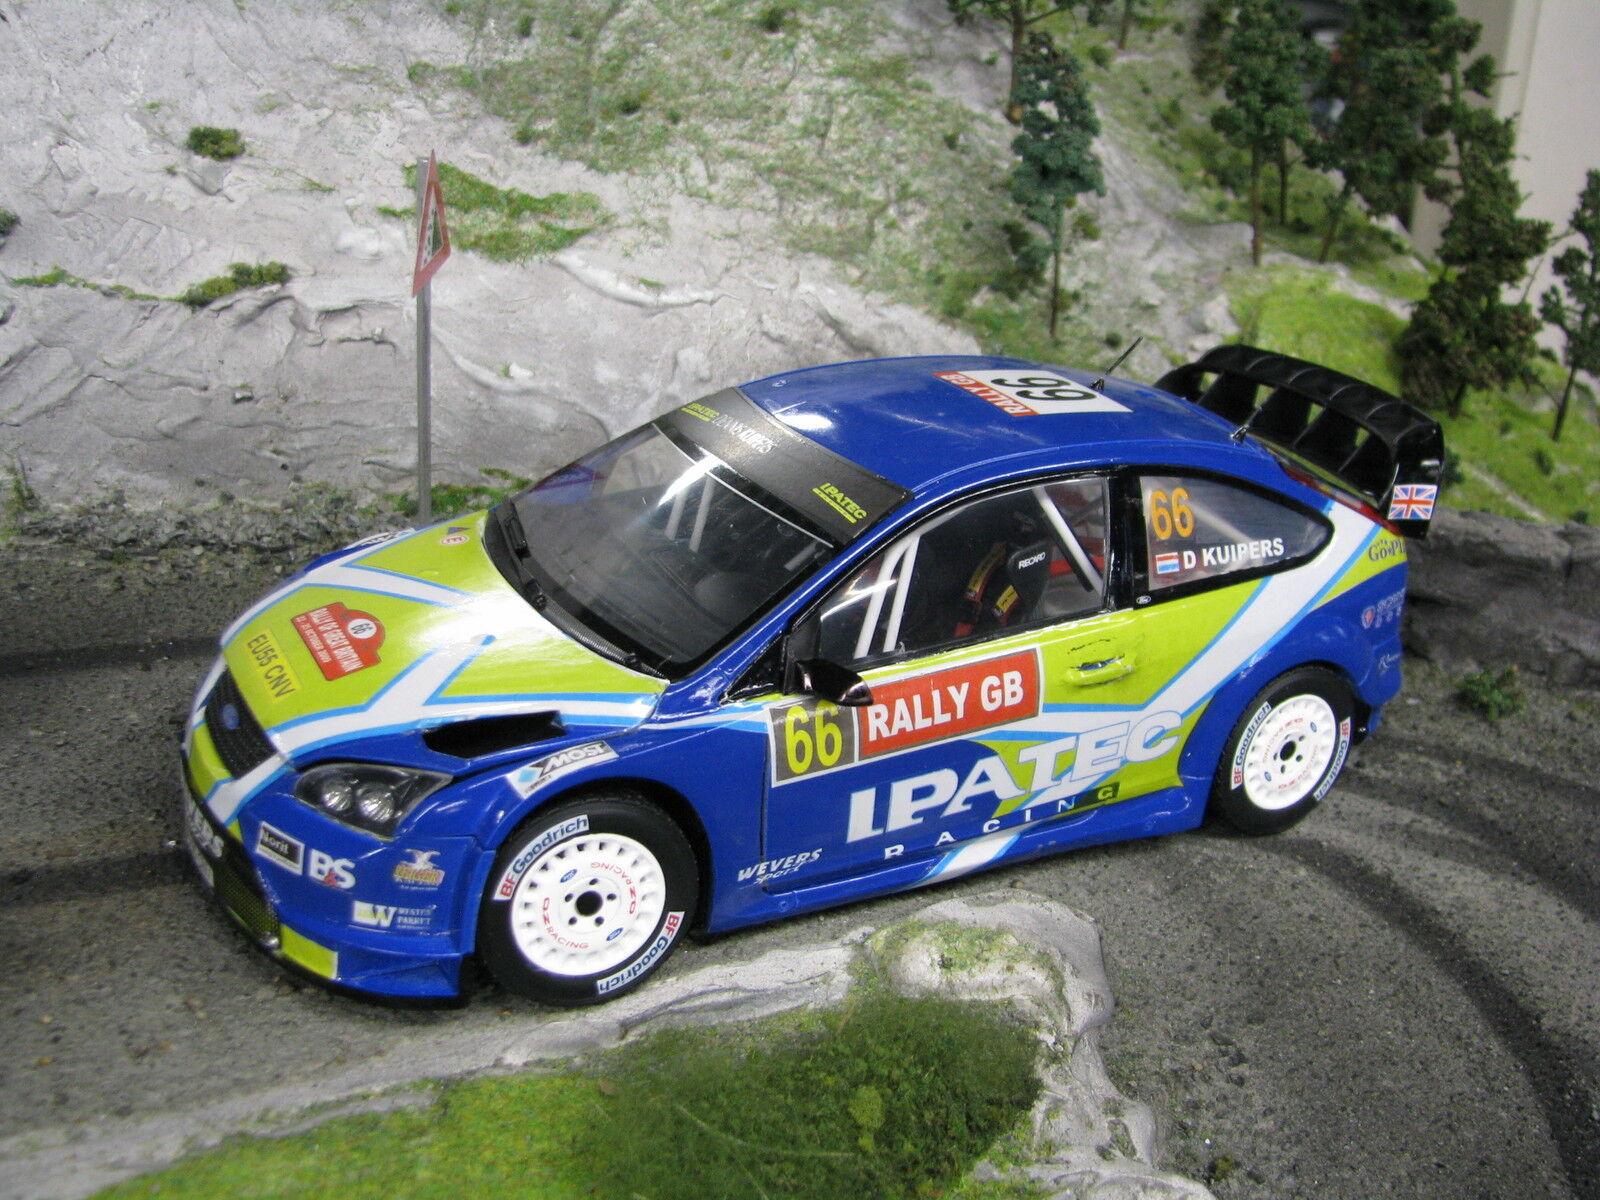 precios mas bajos Sun Estrella Ford Focus RS WRC 06 1 18    66 Kuipers   Hagman Rally GB 2009  Envío rápido y el mejor servicio